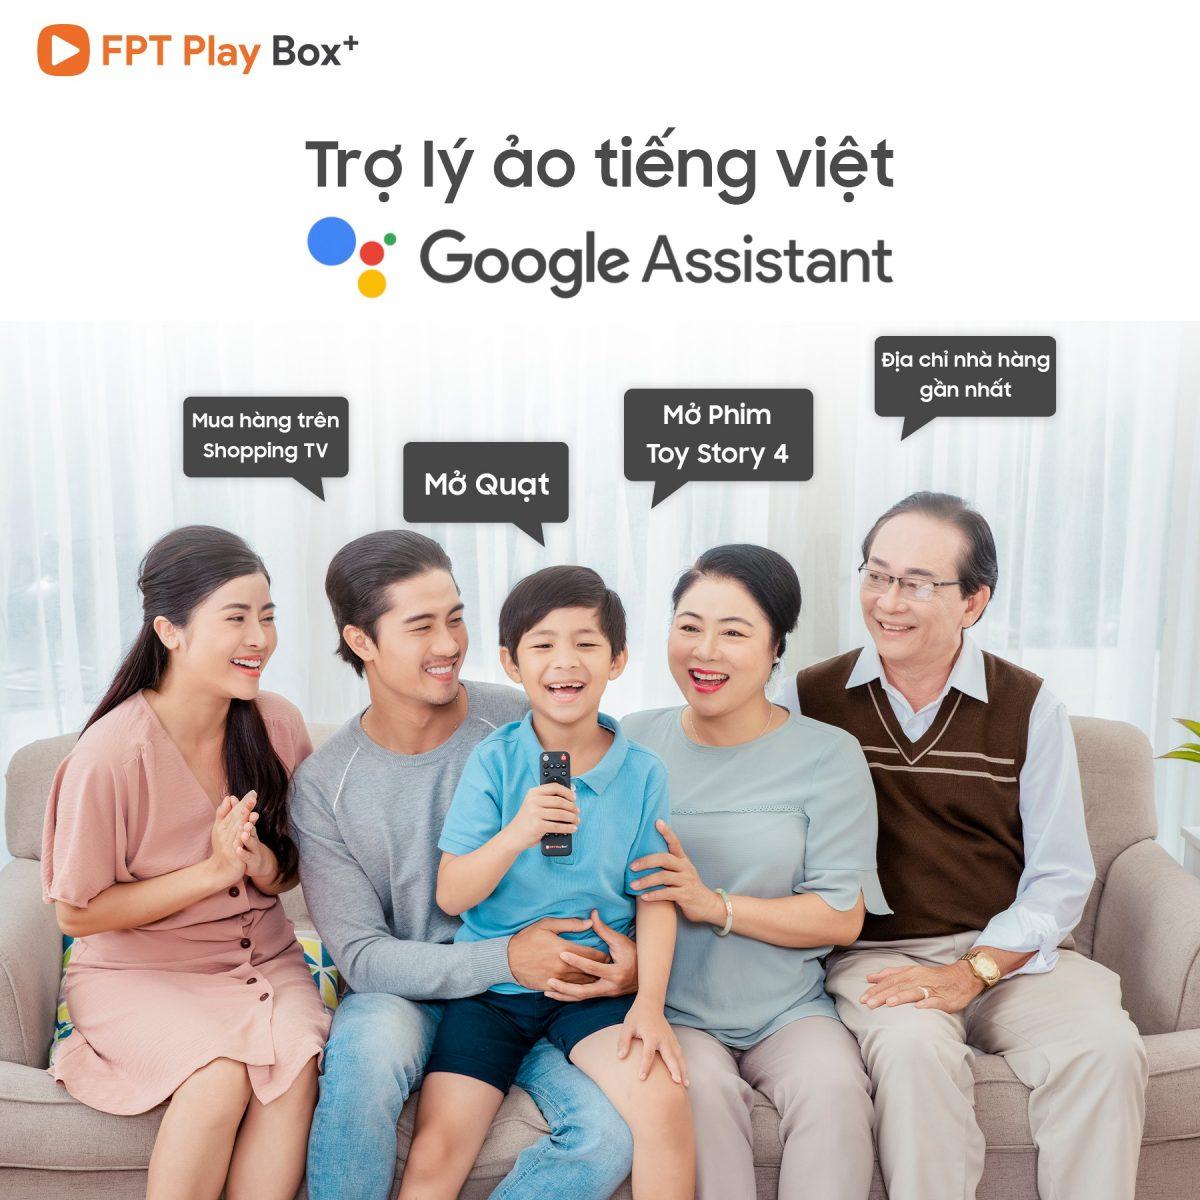 Mua FPT Play Box để gắn kết mọi gia đình ở Quận Tân Phú nhé.